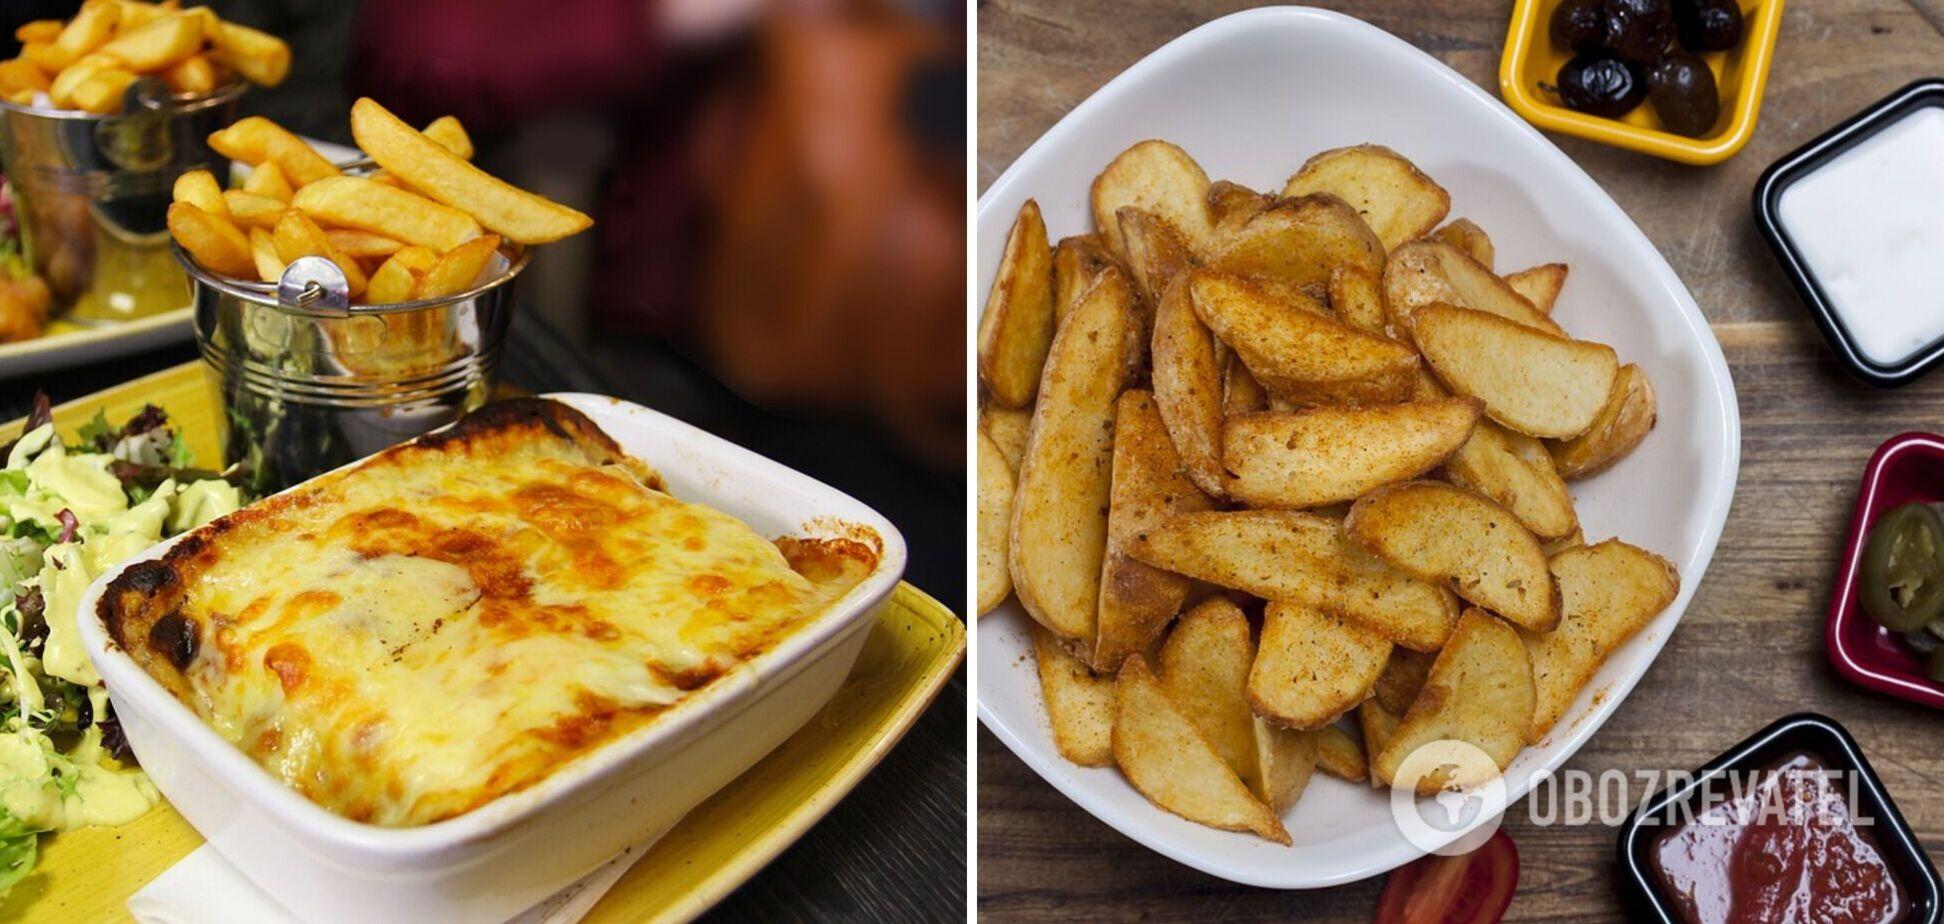 Що приготувати з картоплі, якщо смажена і варена набридла: кухарі поділилися порадами